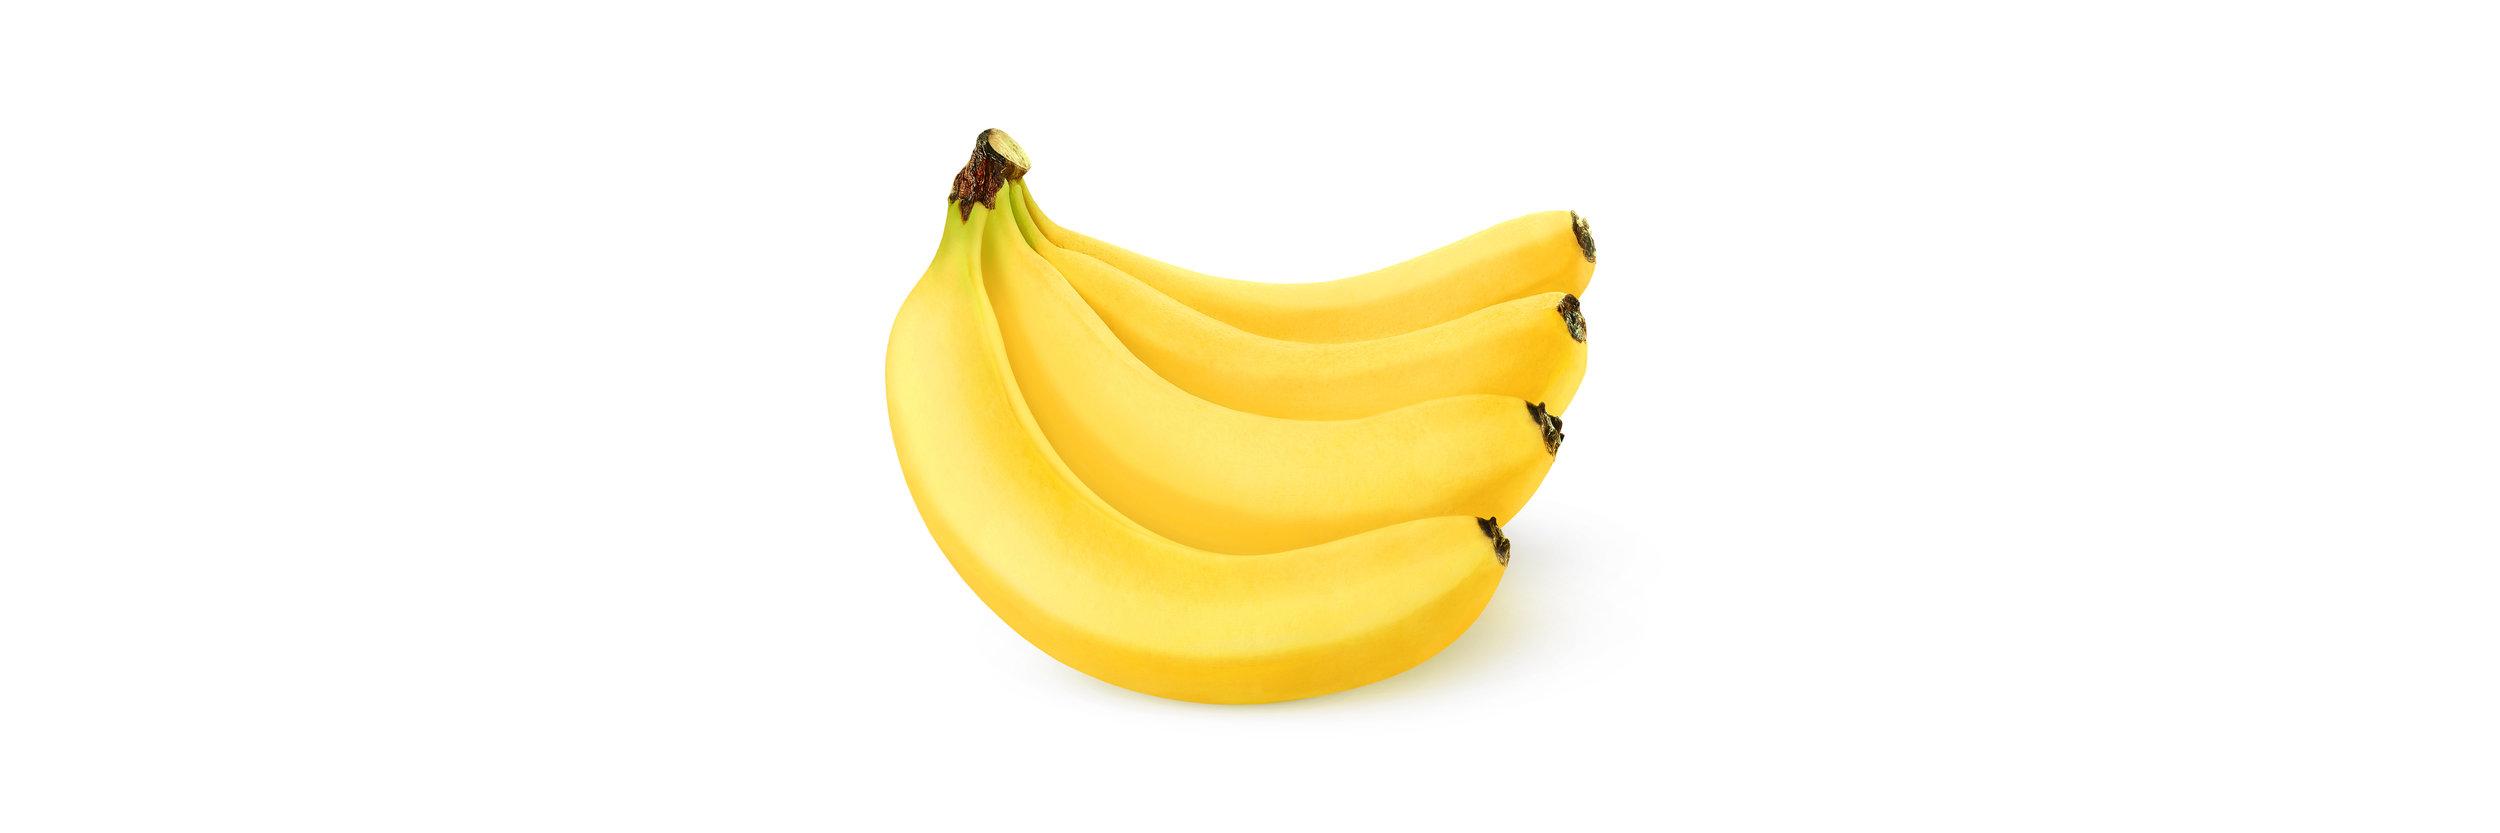 bananawide.jpg